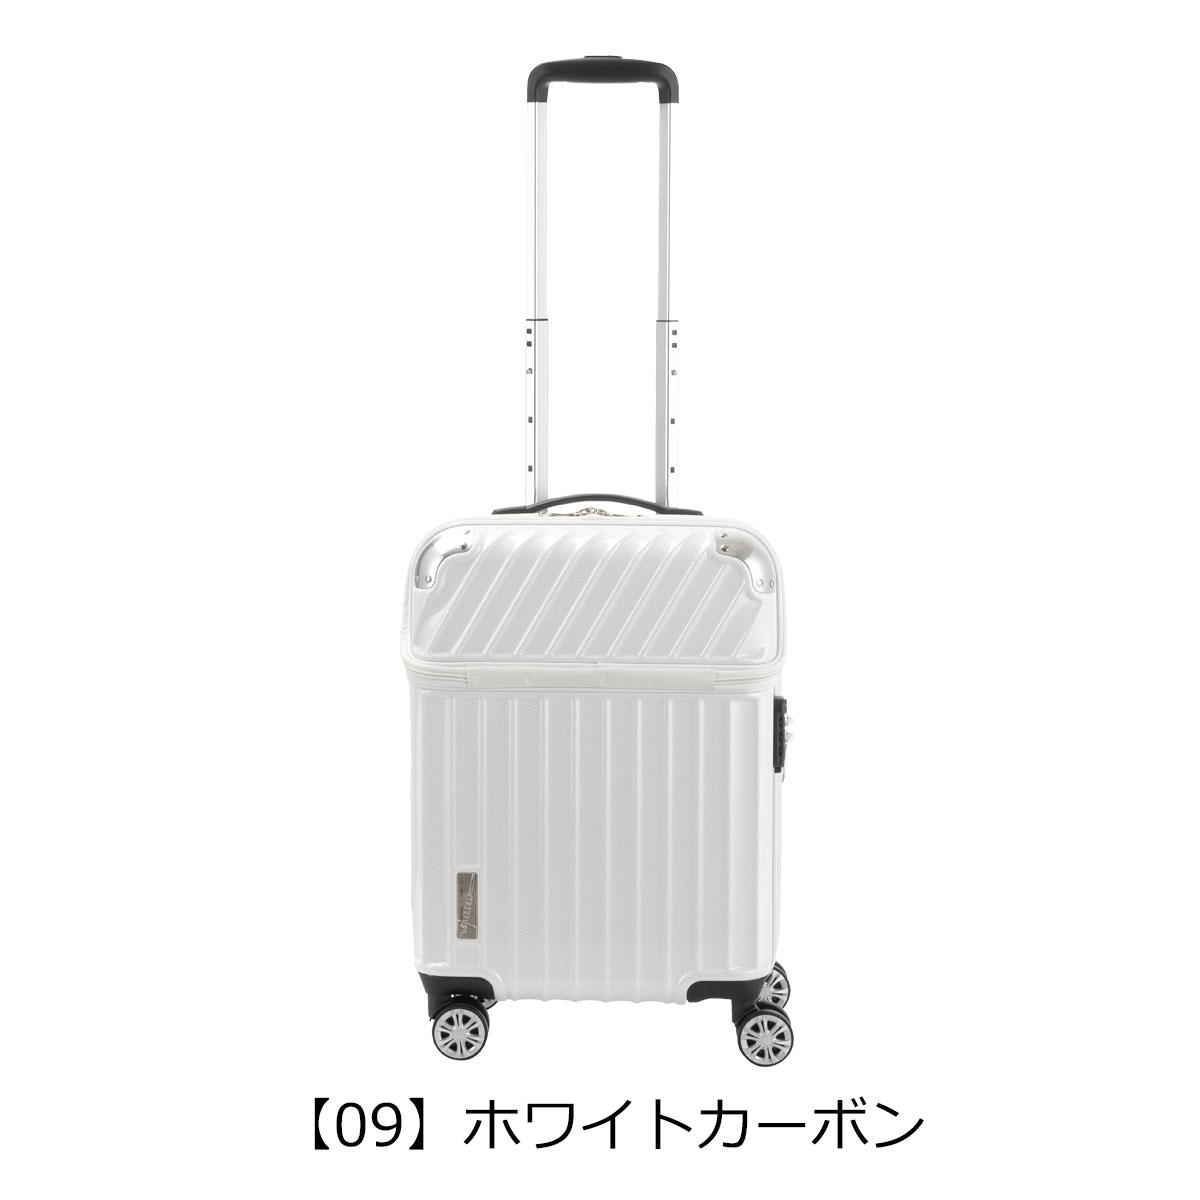 【09】ホワイトカーボン